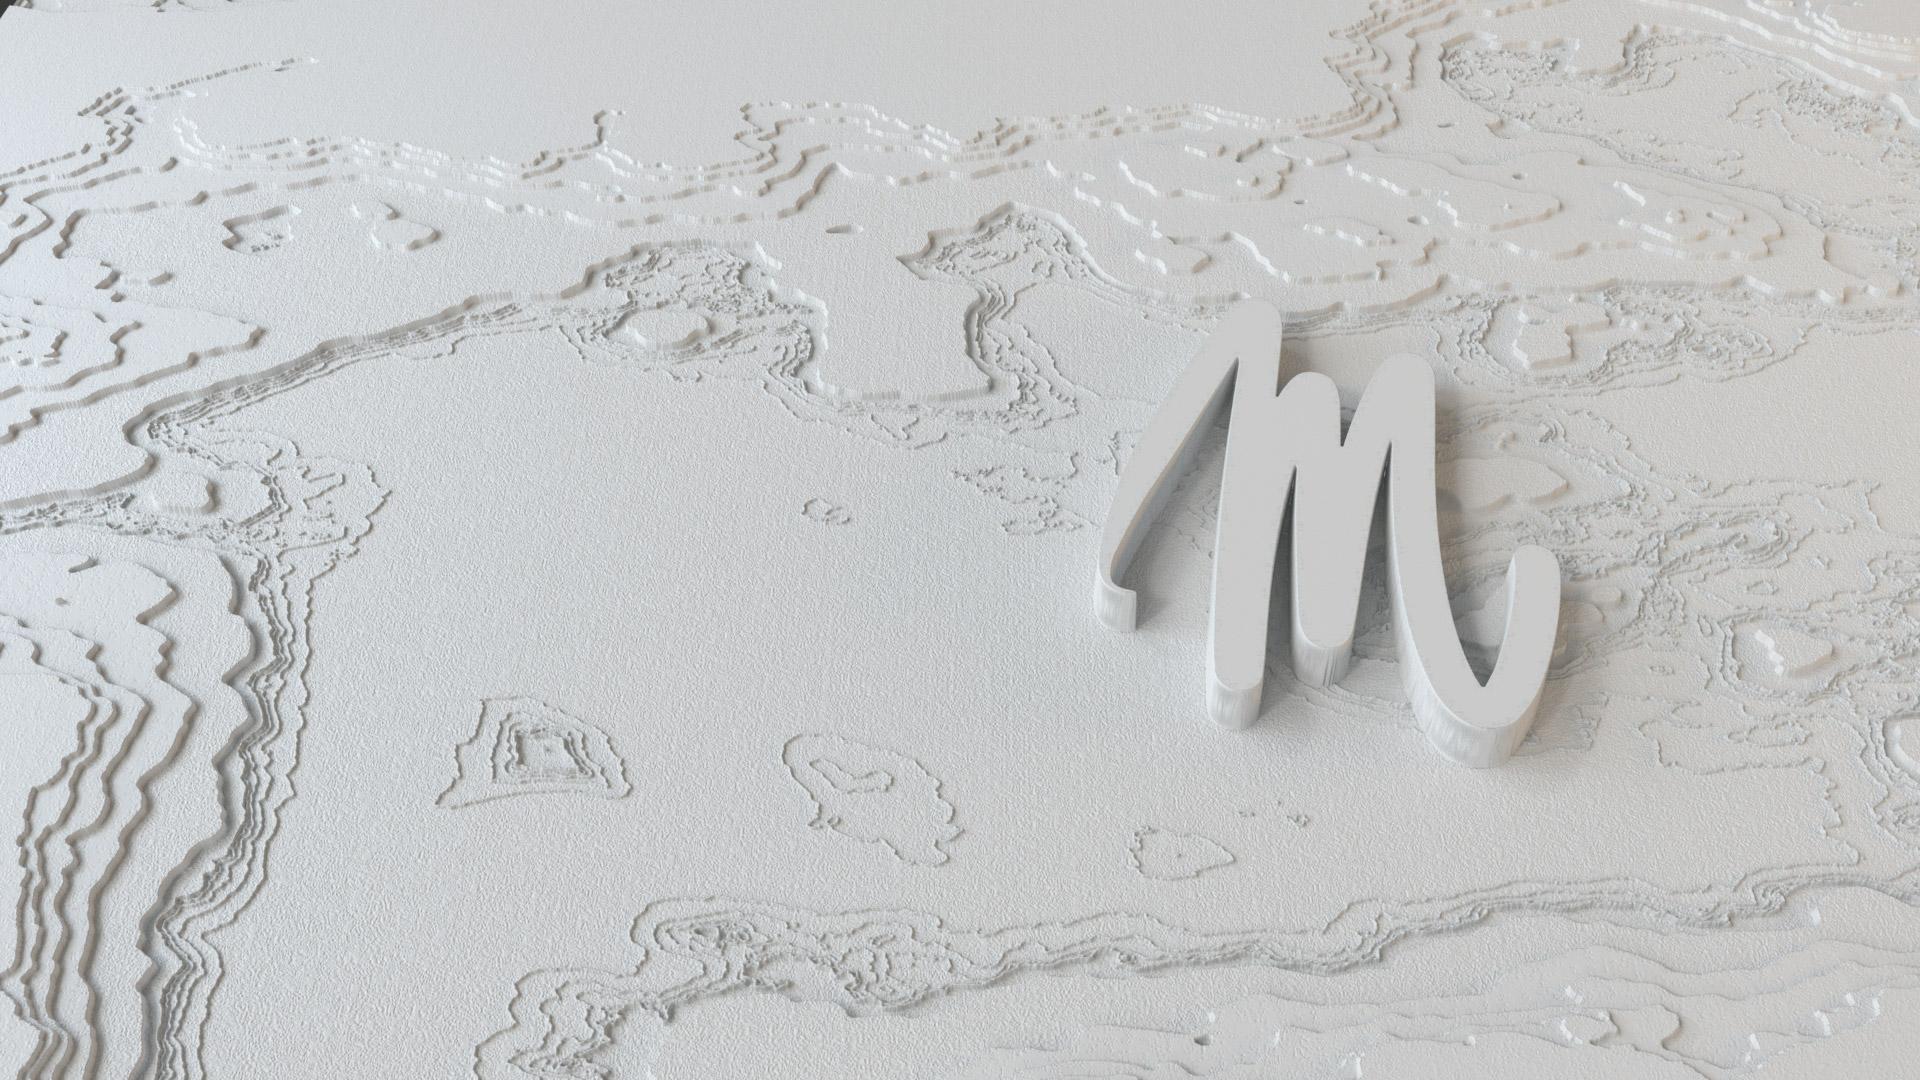 Une carte sur fond blanc avec un relief qui représente les micro-sillons des disques vinyles et logo de Mine De Rien.